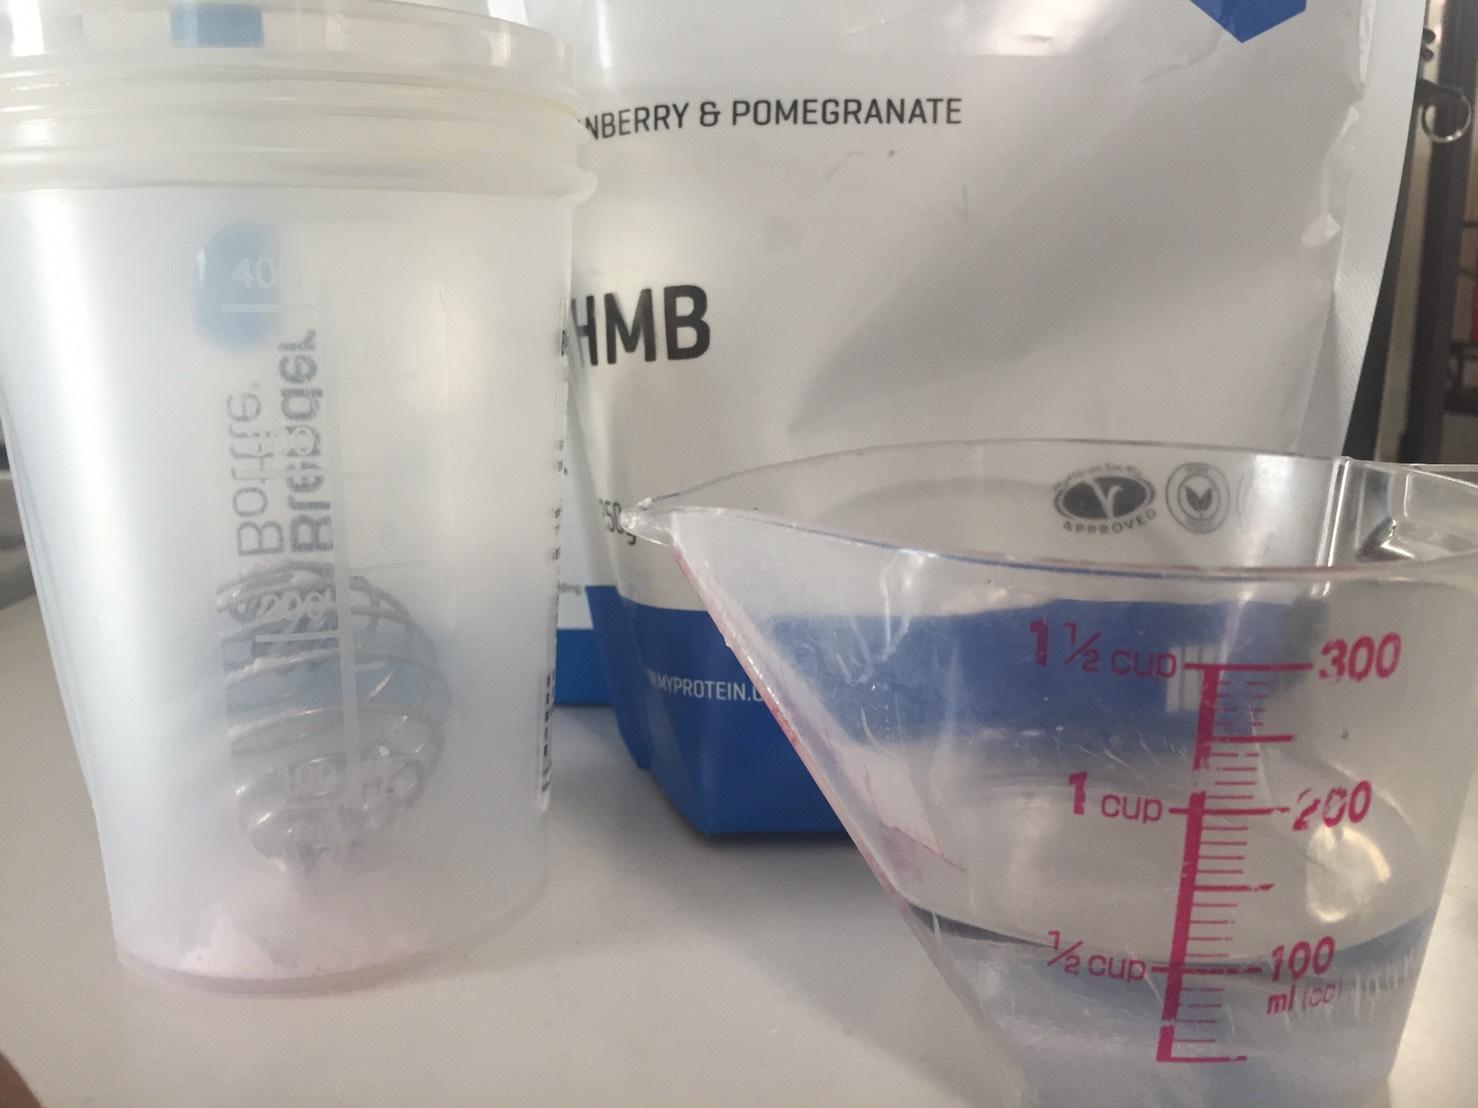 マイプロテインHMBパウダー「CRANBERRY&POMEGRANATE(クランベリー&ザクロ味)」を100mlの水に溶かします。